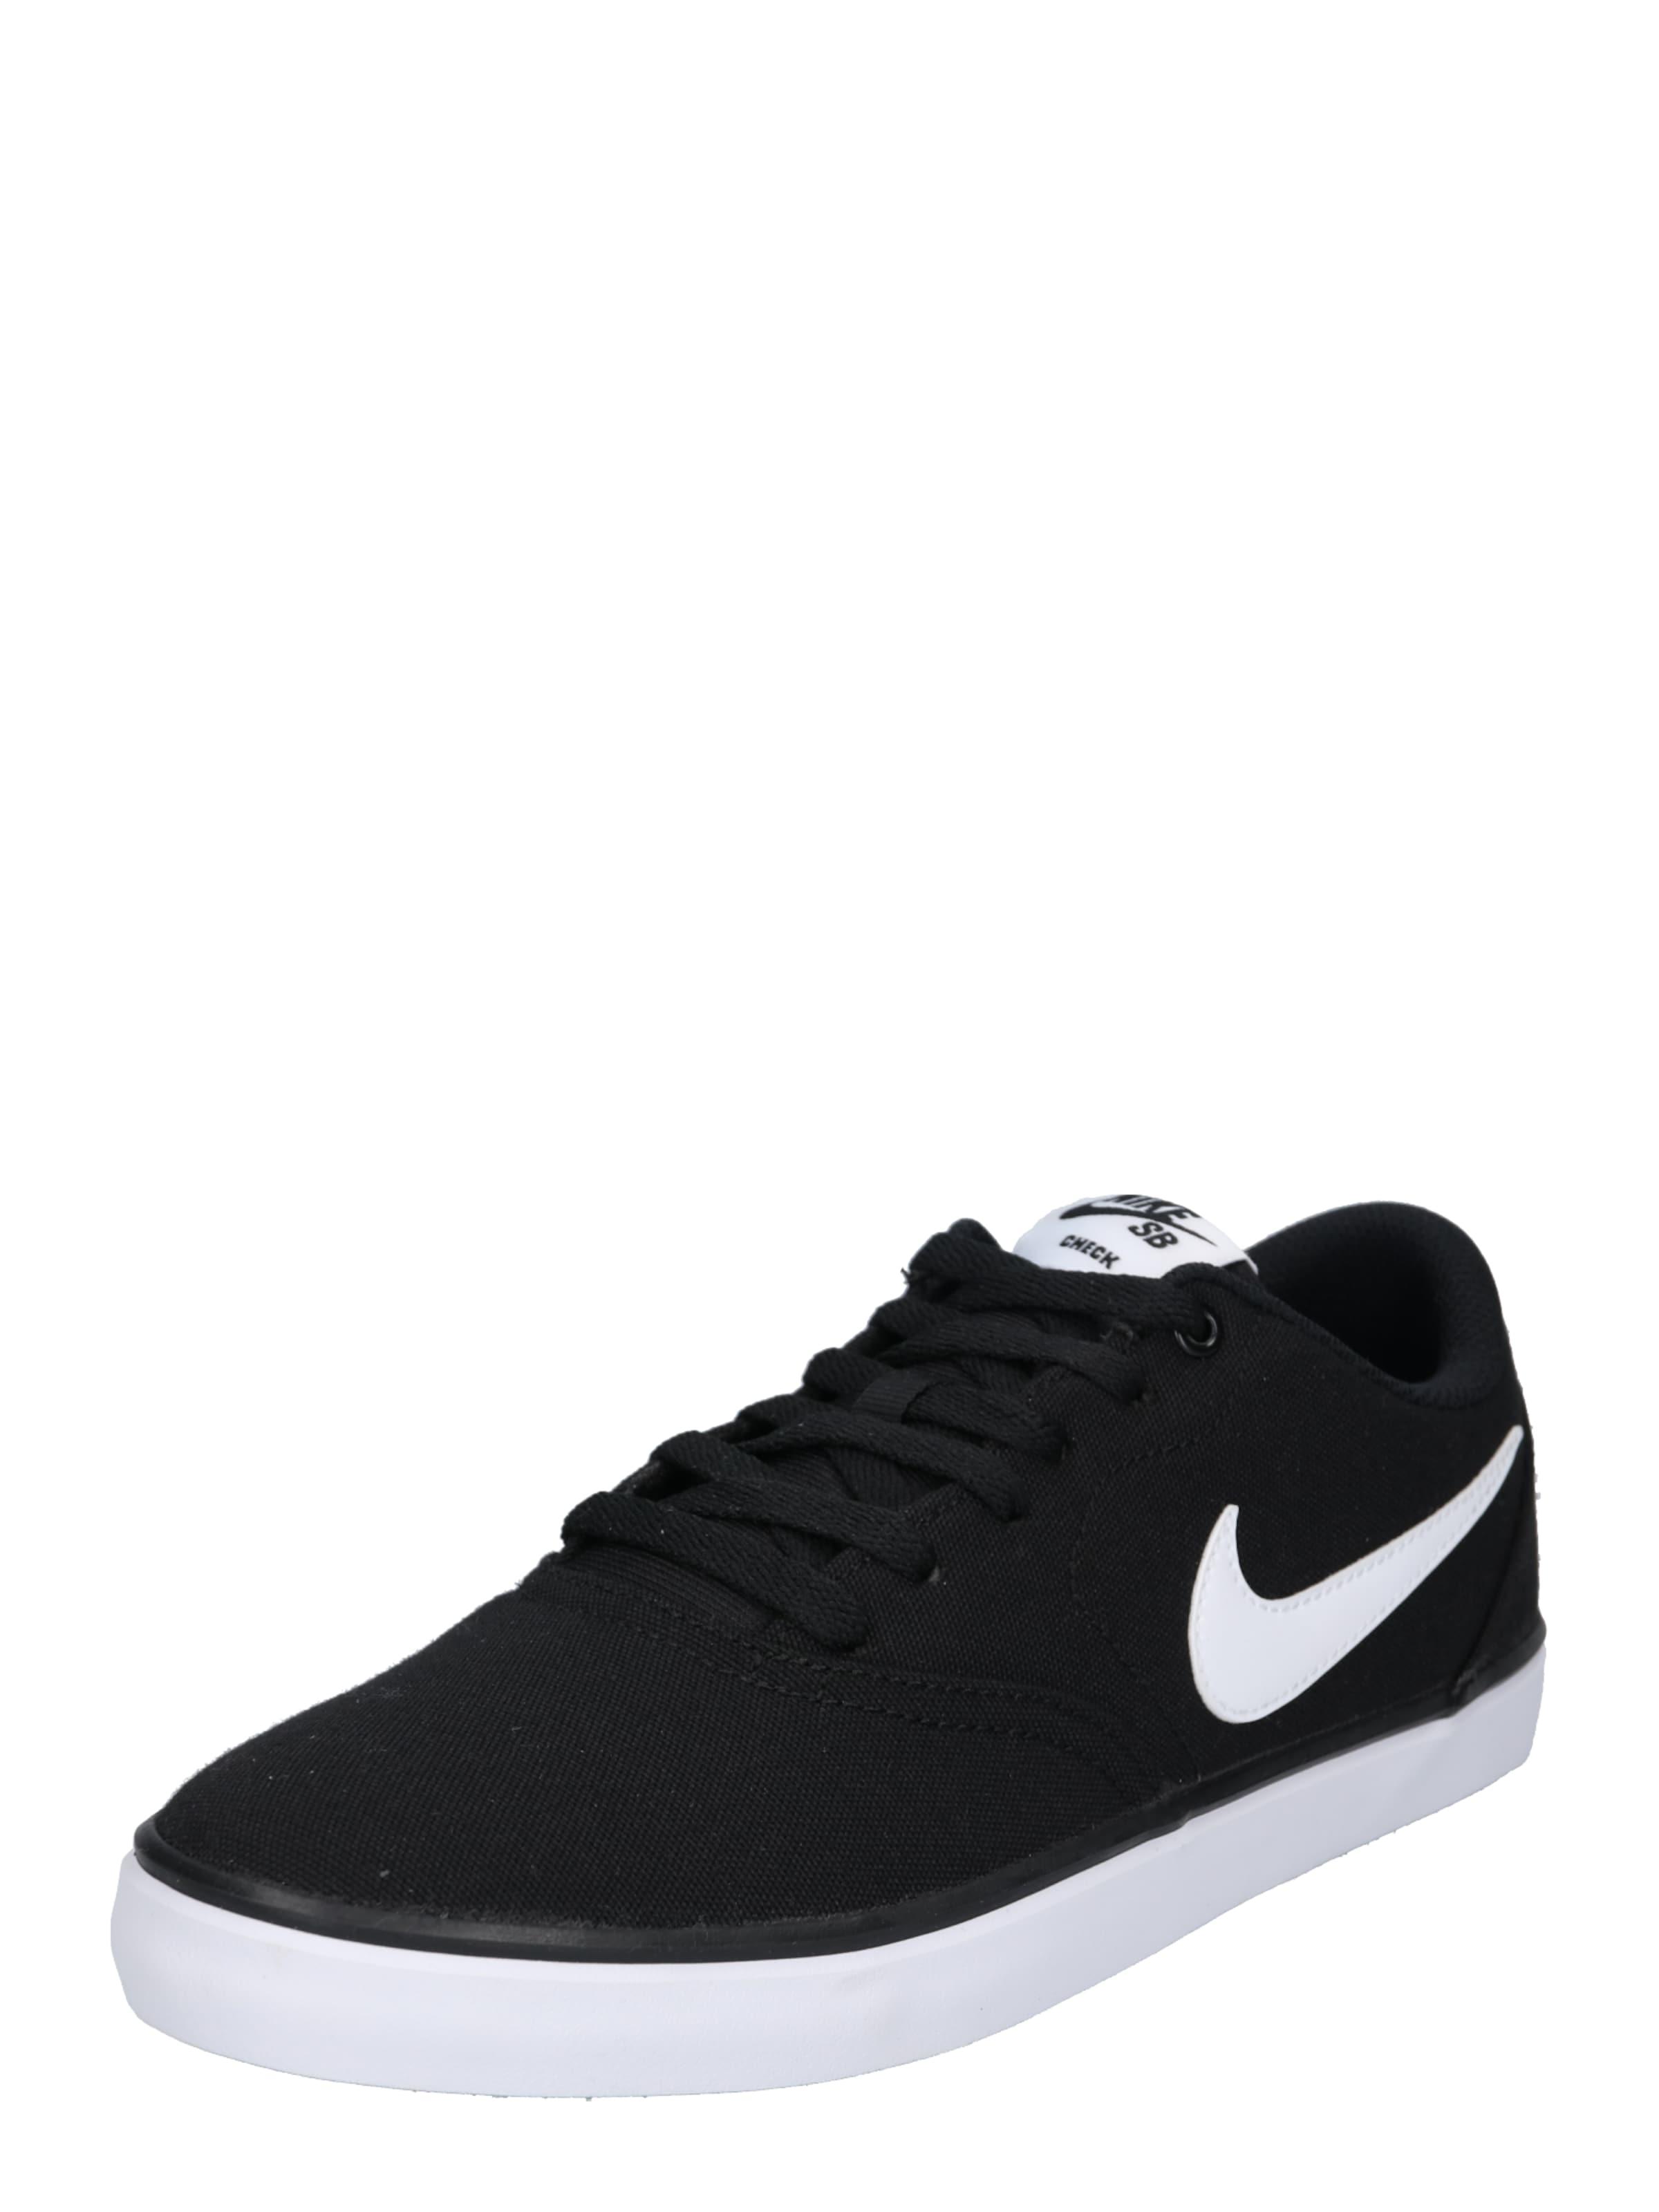 In Sneaker Nike Sb Solar' Schwarz 'check T13JulKcF